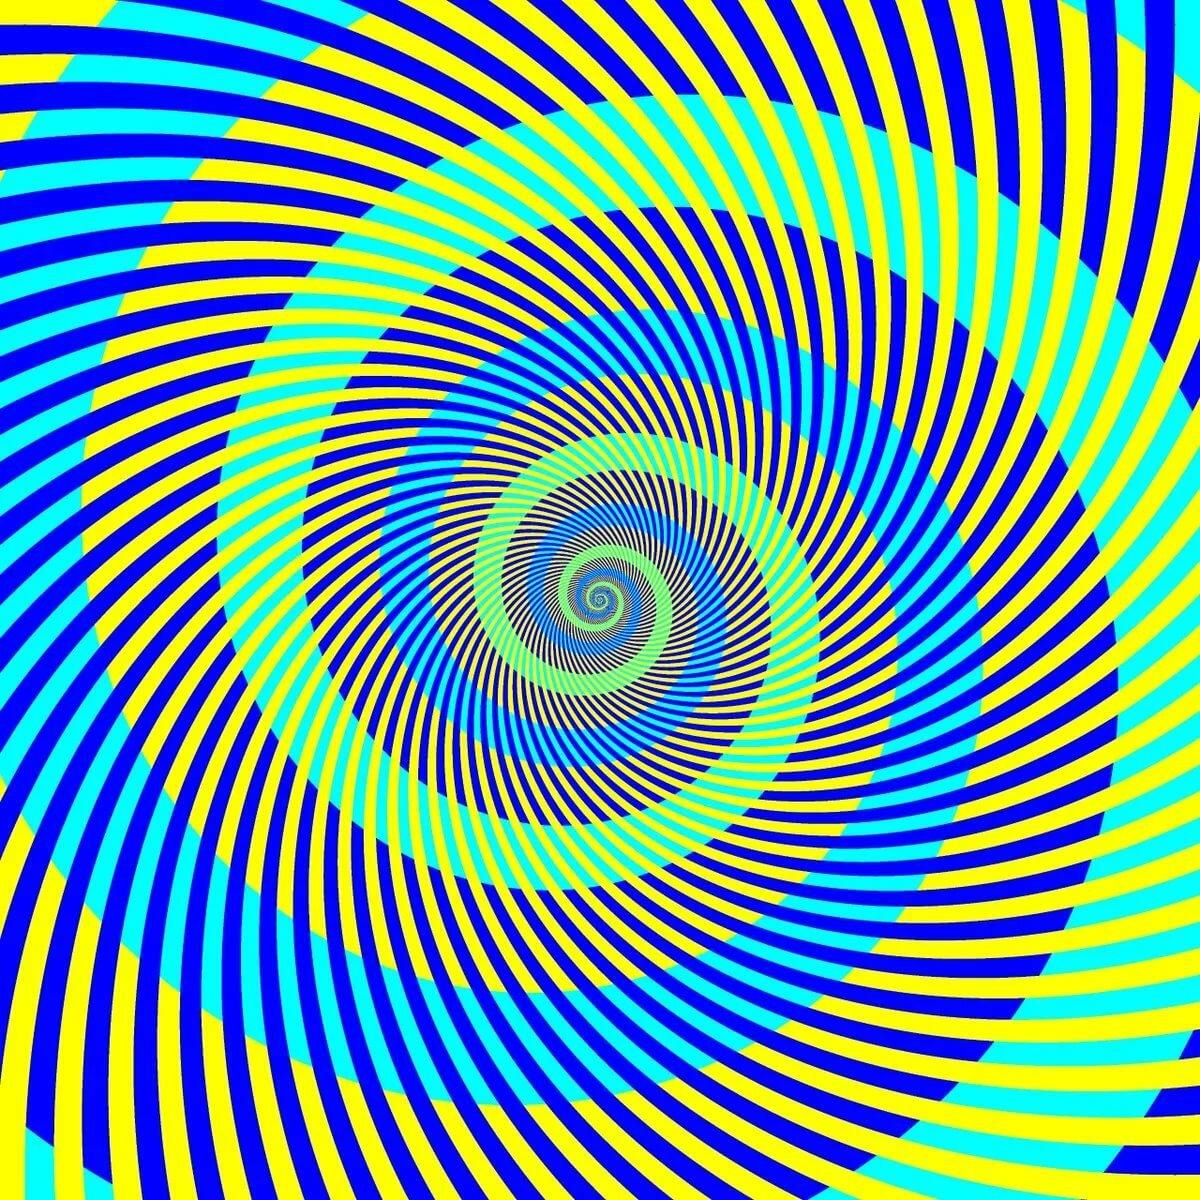 картинка японского психотерапевта которая движется будете